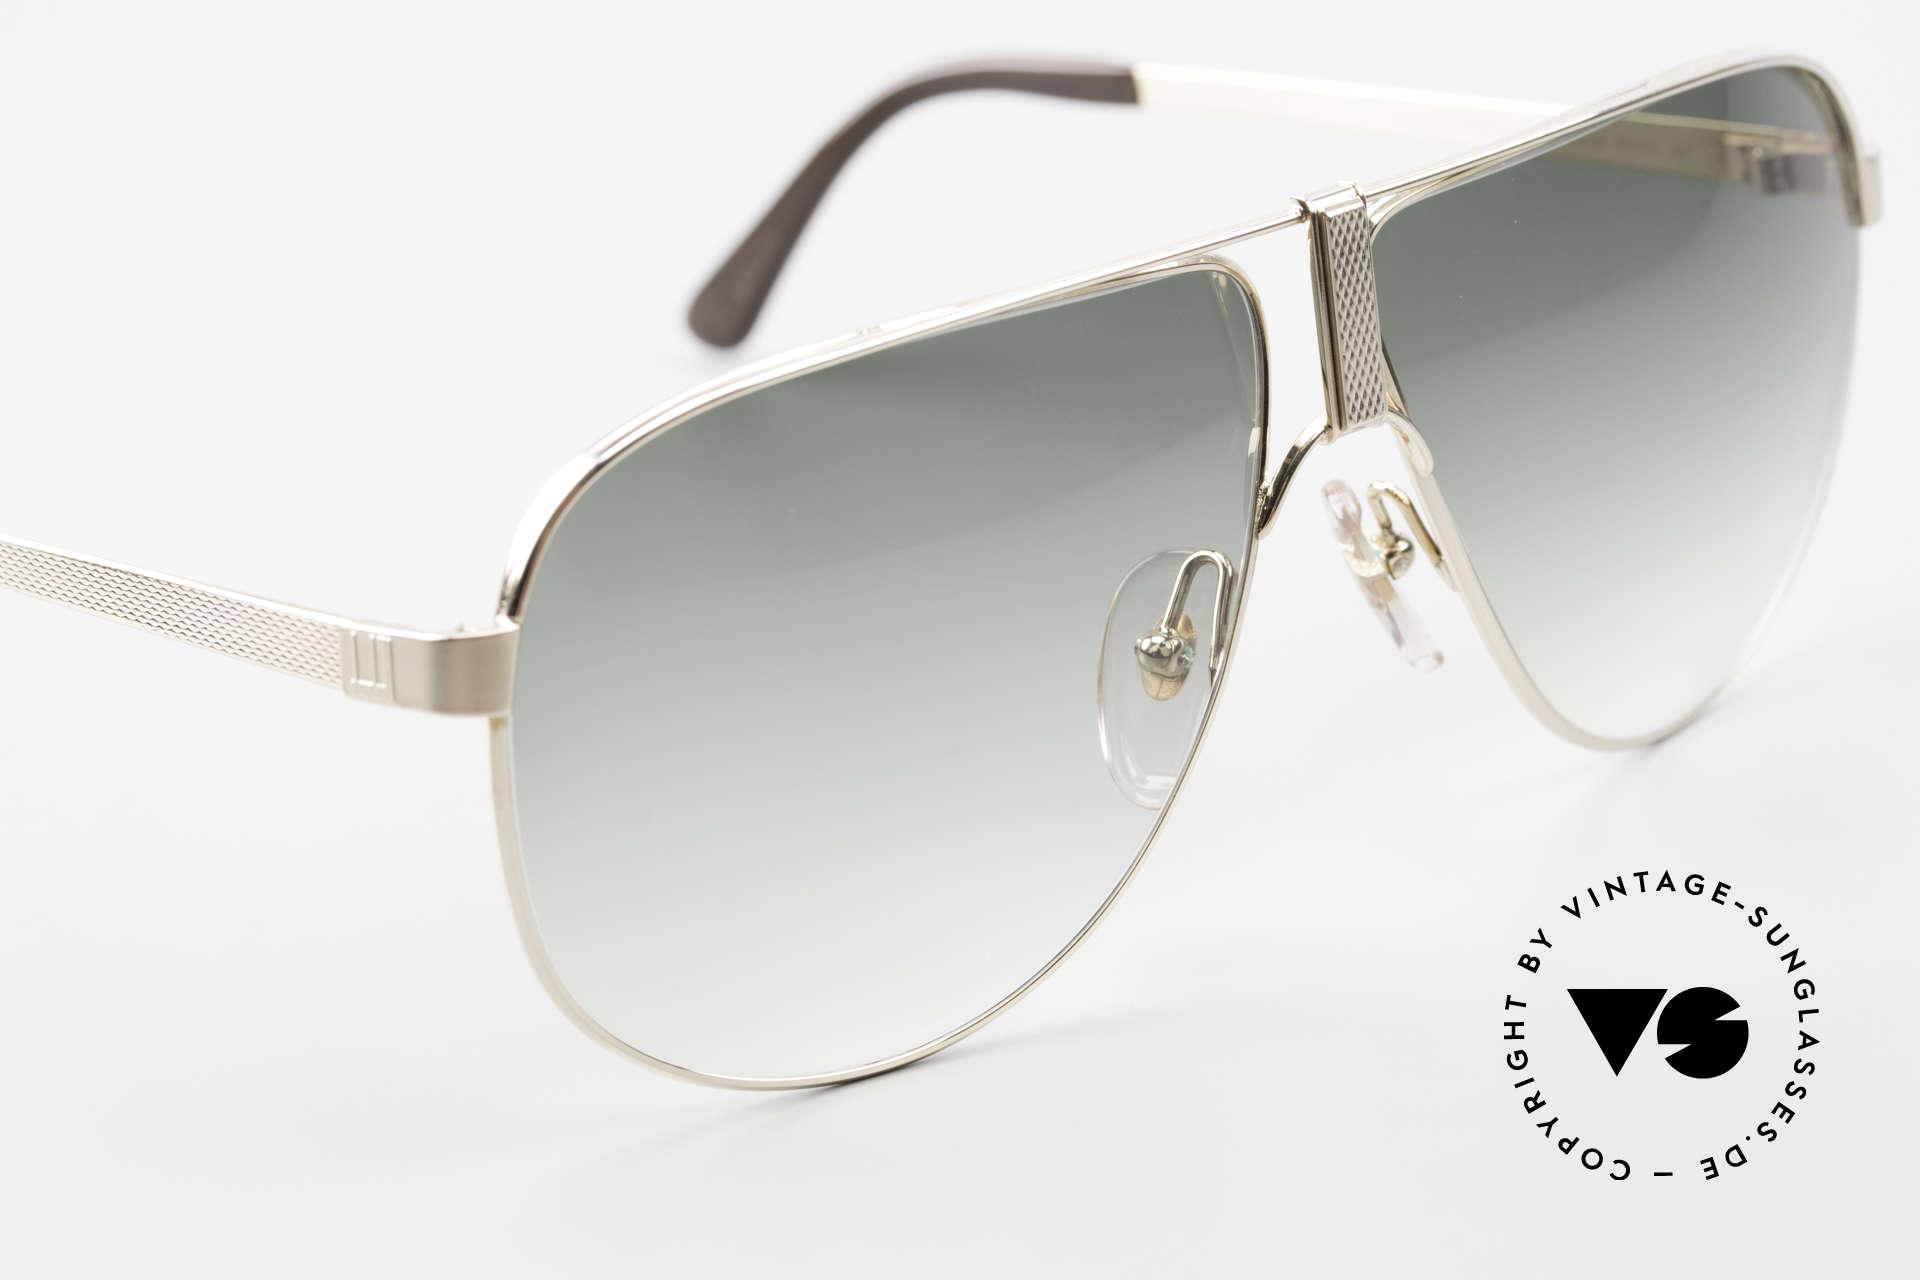 Dunhill 6043 Vergoldete Sonnenbrille 90er, derartige Qualität ist heutzutage kaum noch erhältlich, Passend für Herren